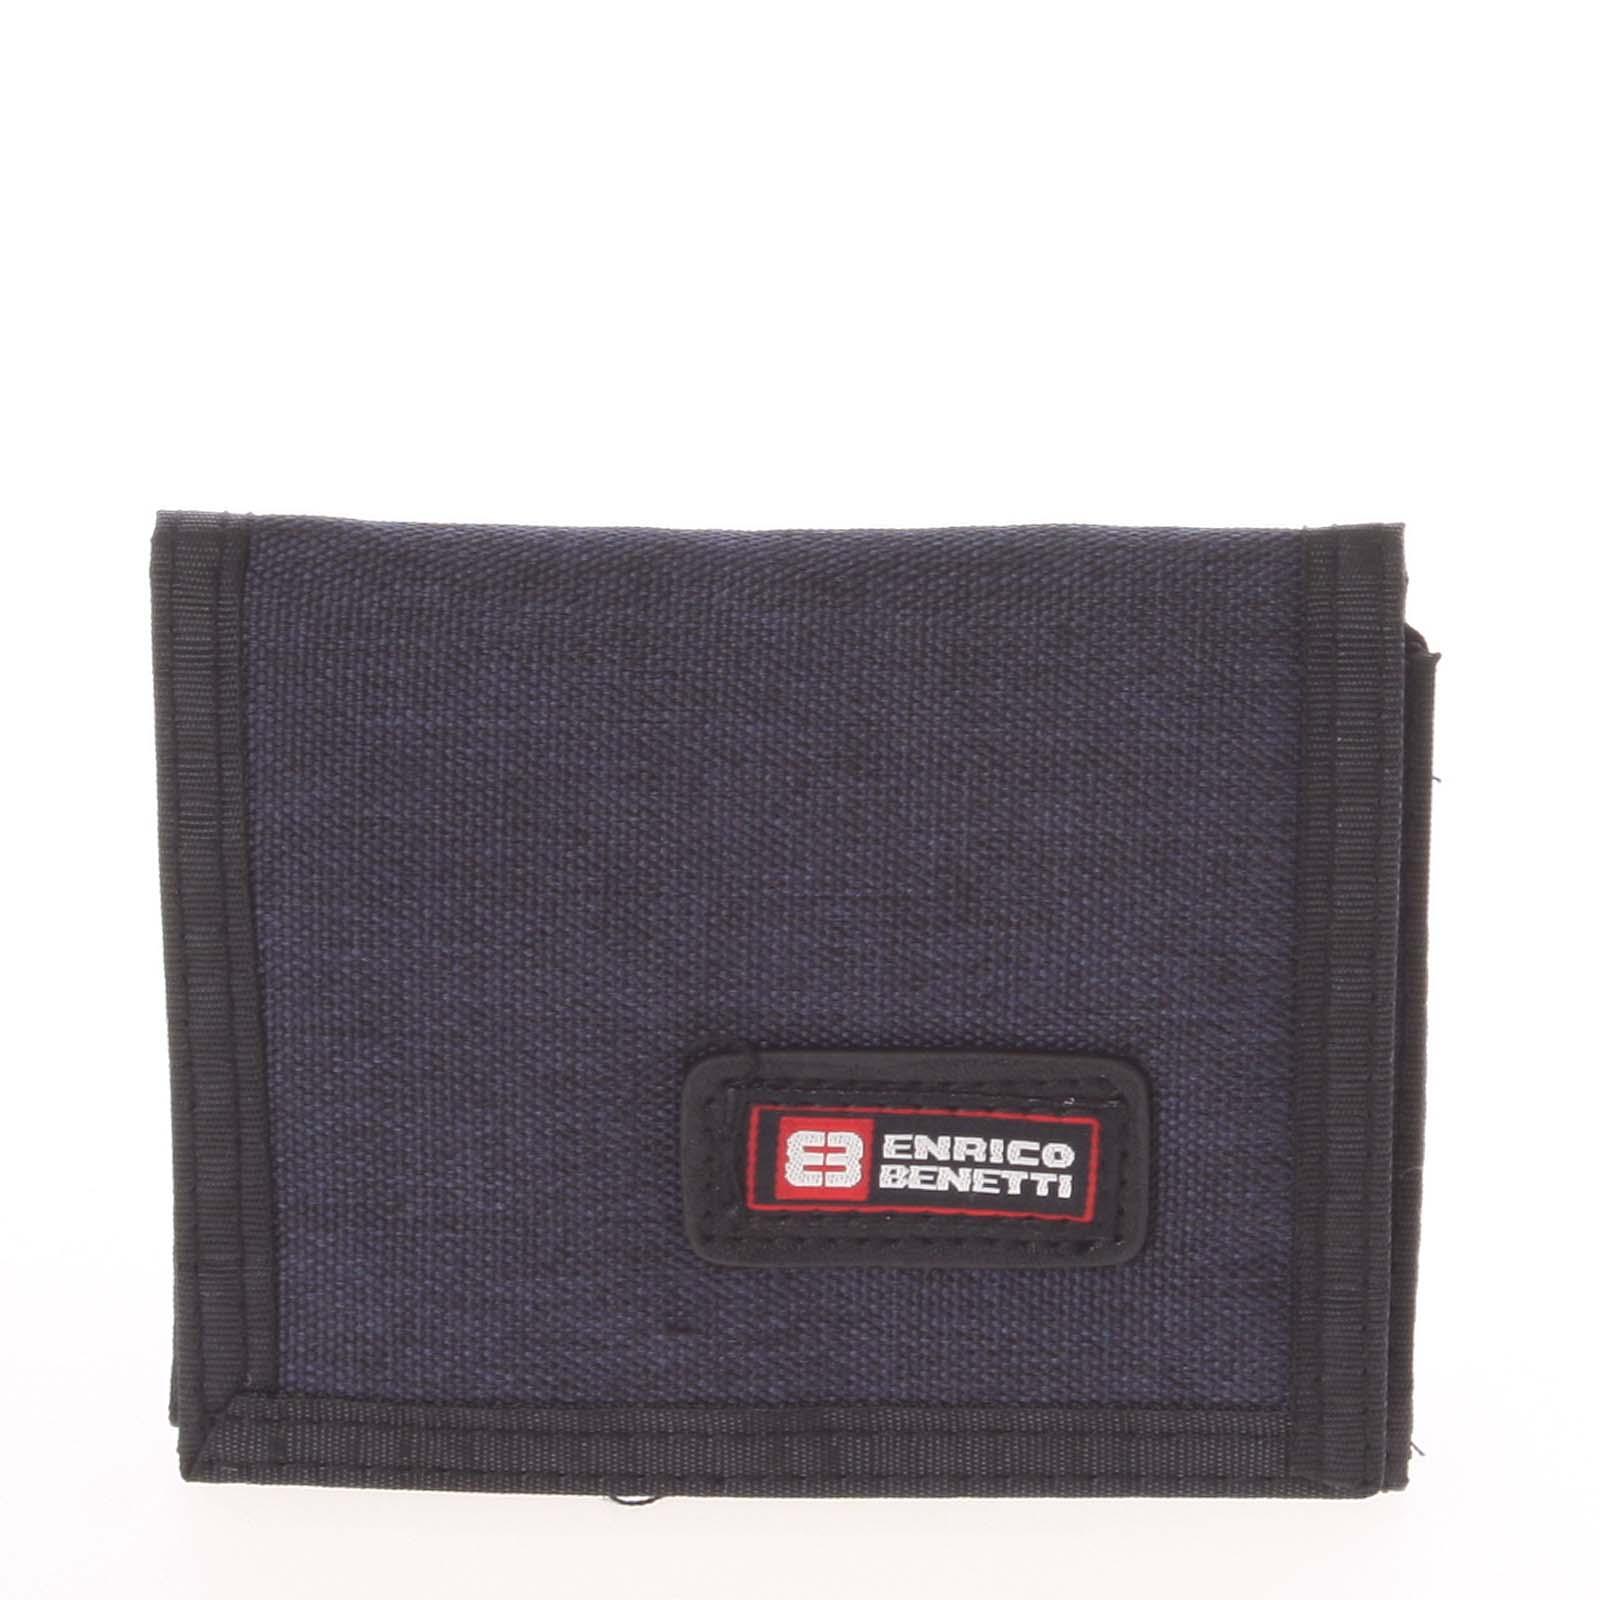 Peňaženka látková tmavo modrá - Enrico Benetti 4500 modrá